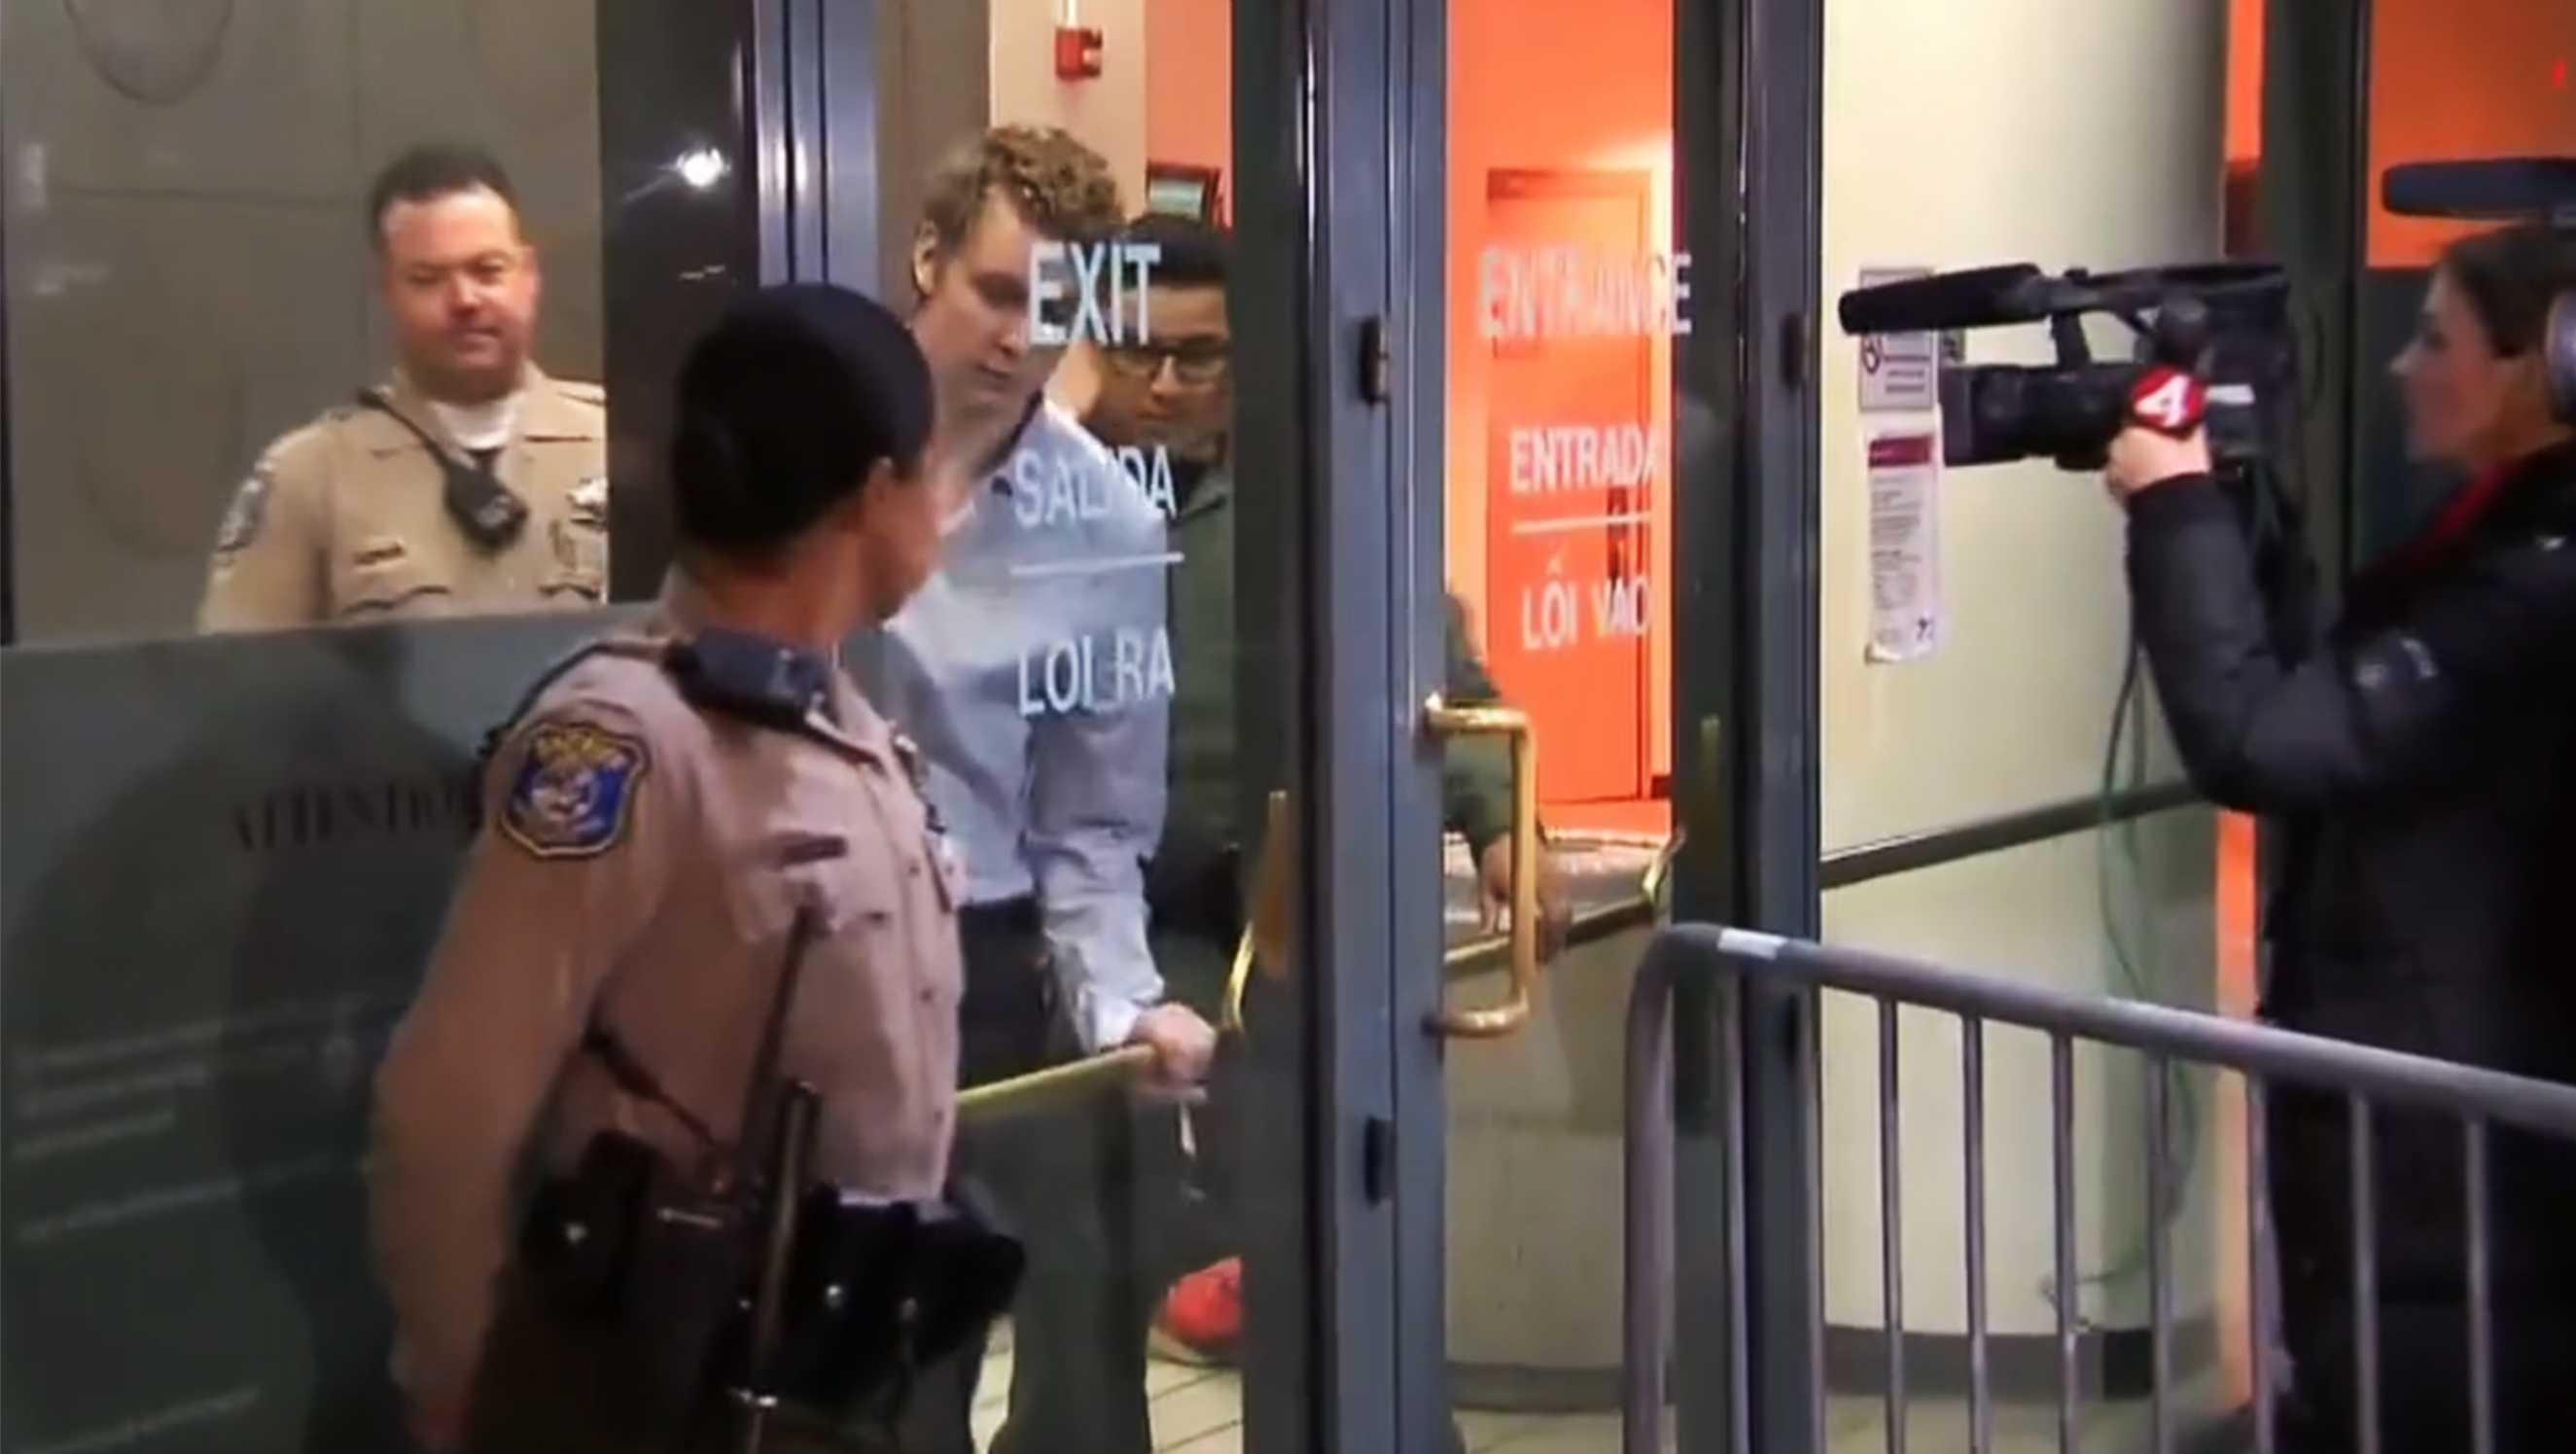 Brock Turner leaves jail